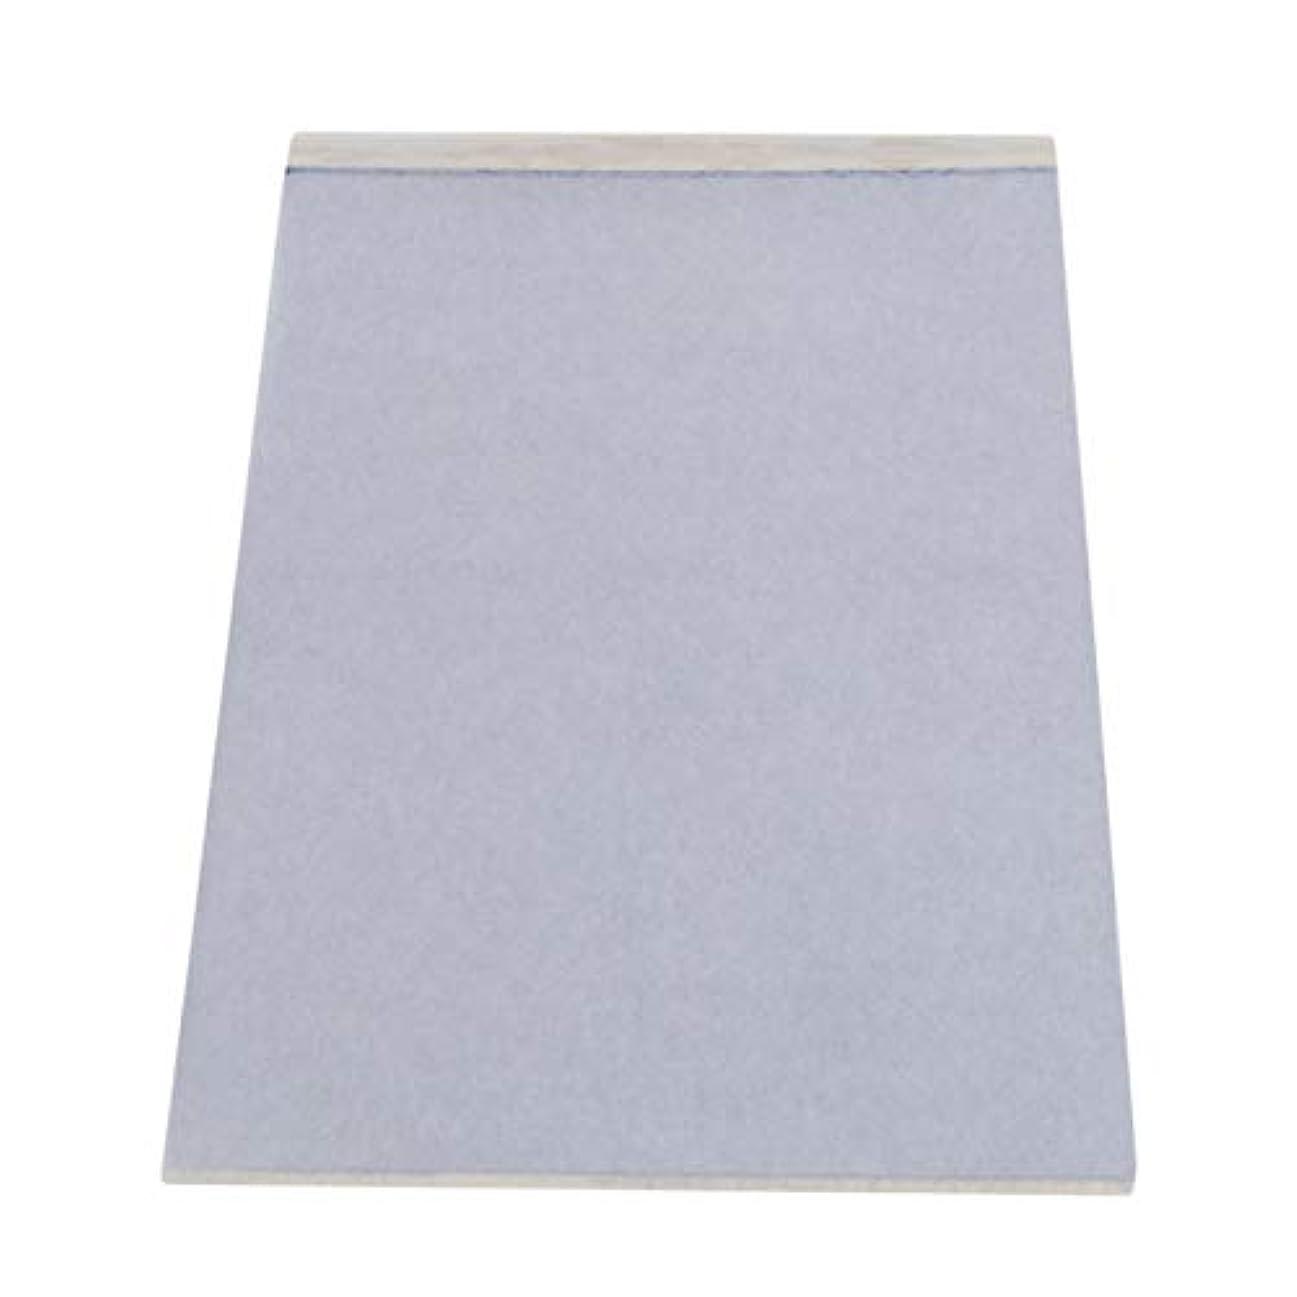 航海イタリック刈り取るBigsweety タトゥー 転写用紙 5枚セット ブルー1パック(50枚)タトゥー転写紙 プロのタトゥーツール